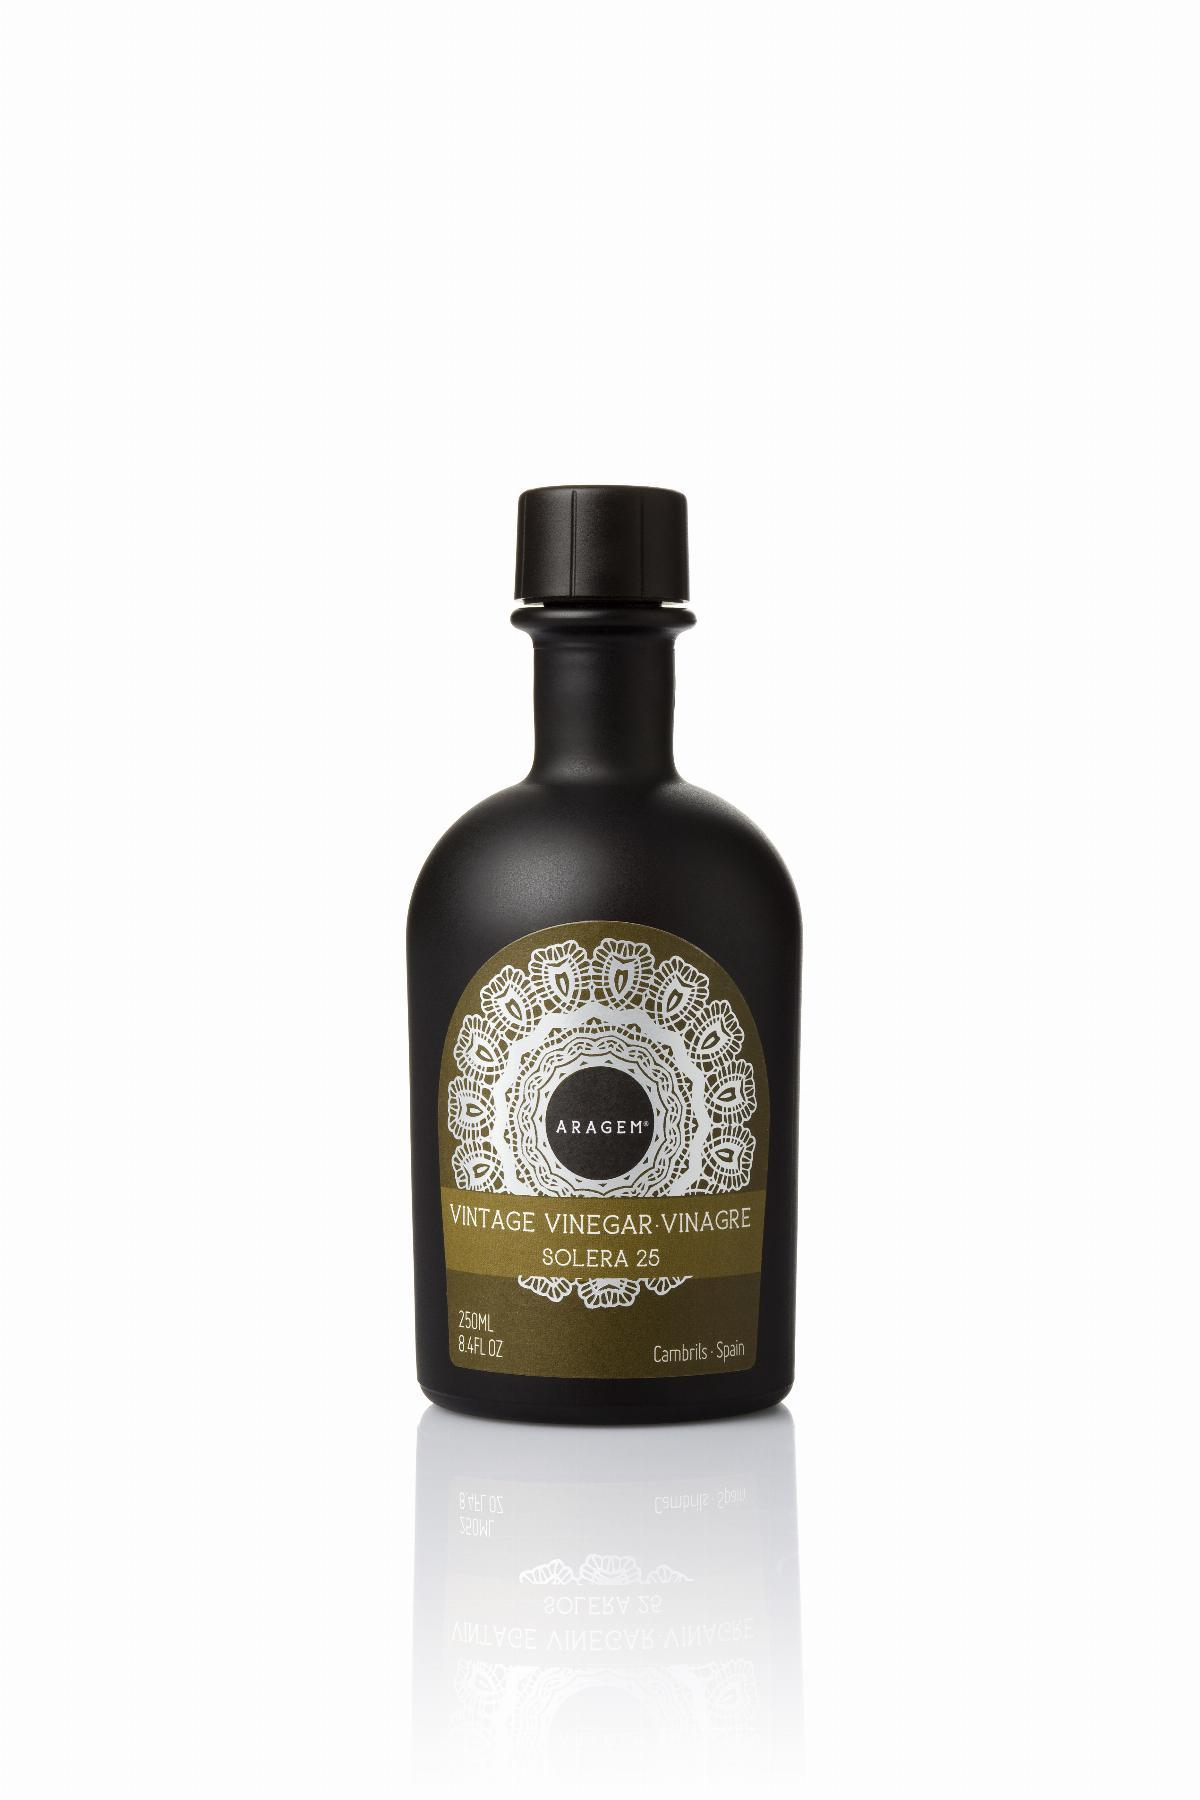 Vintage Solera Vinegar Aragem,  dark bottle 250ml